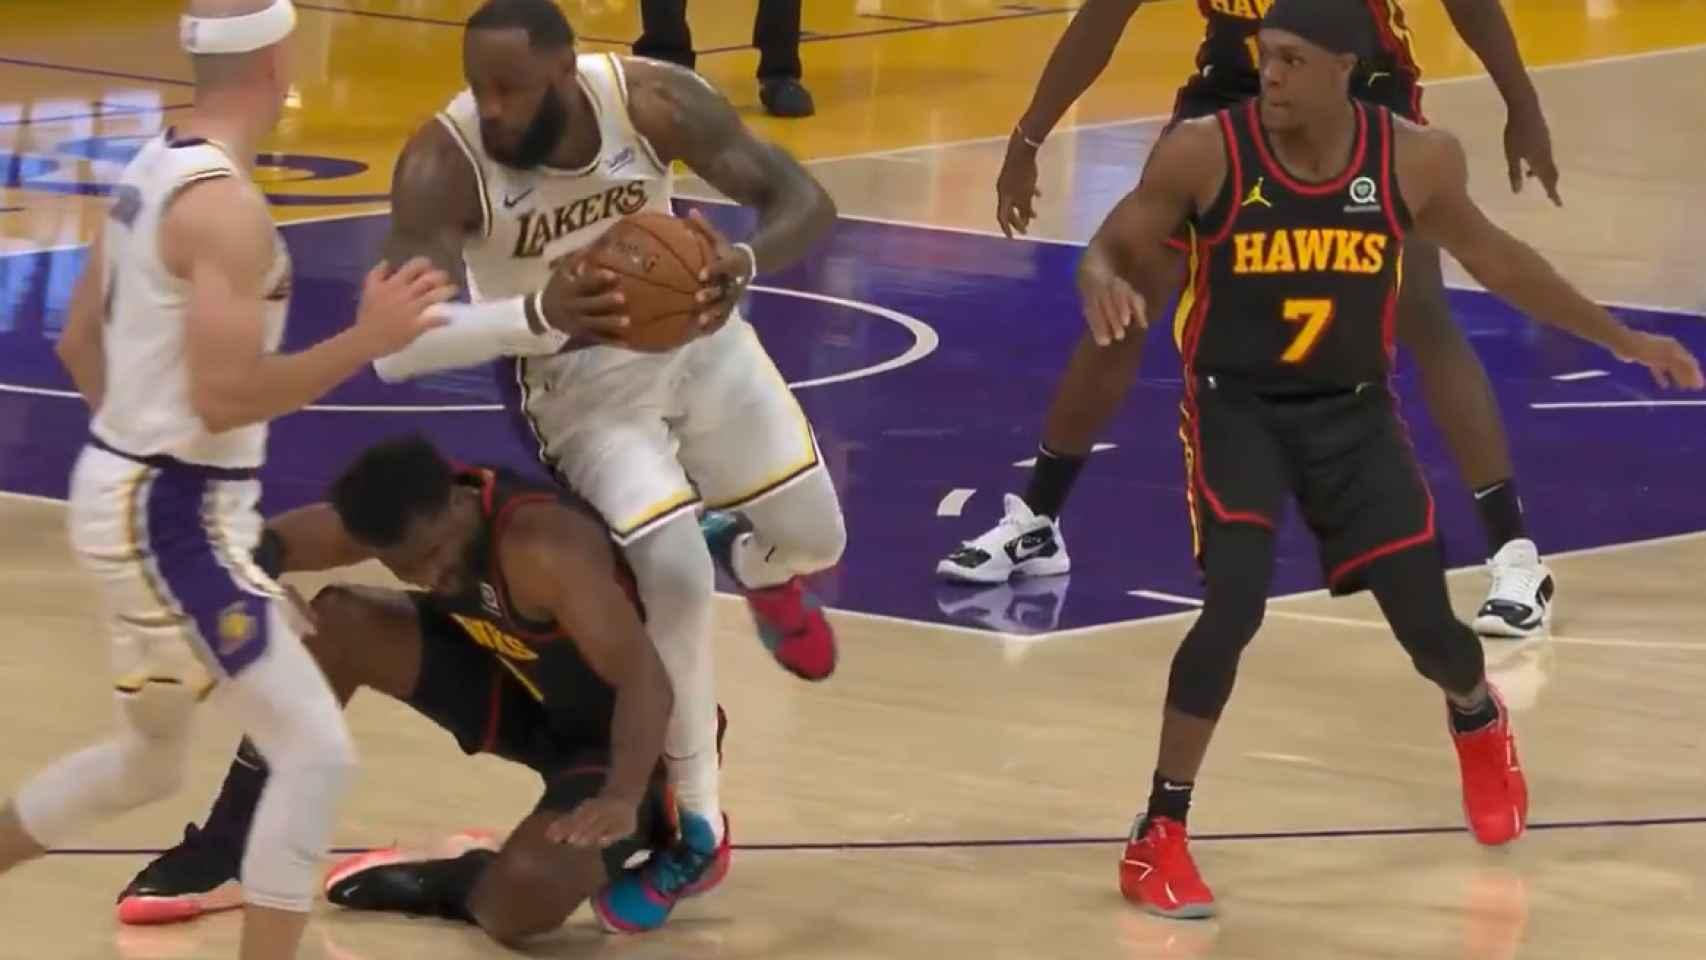 El momento en el que se dobla el tobillo de LeBron James